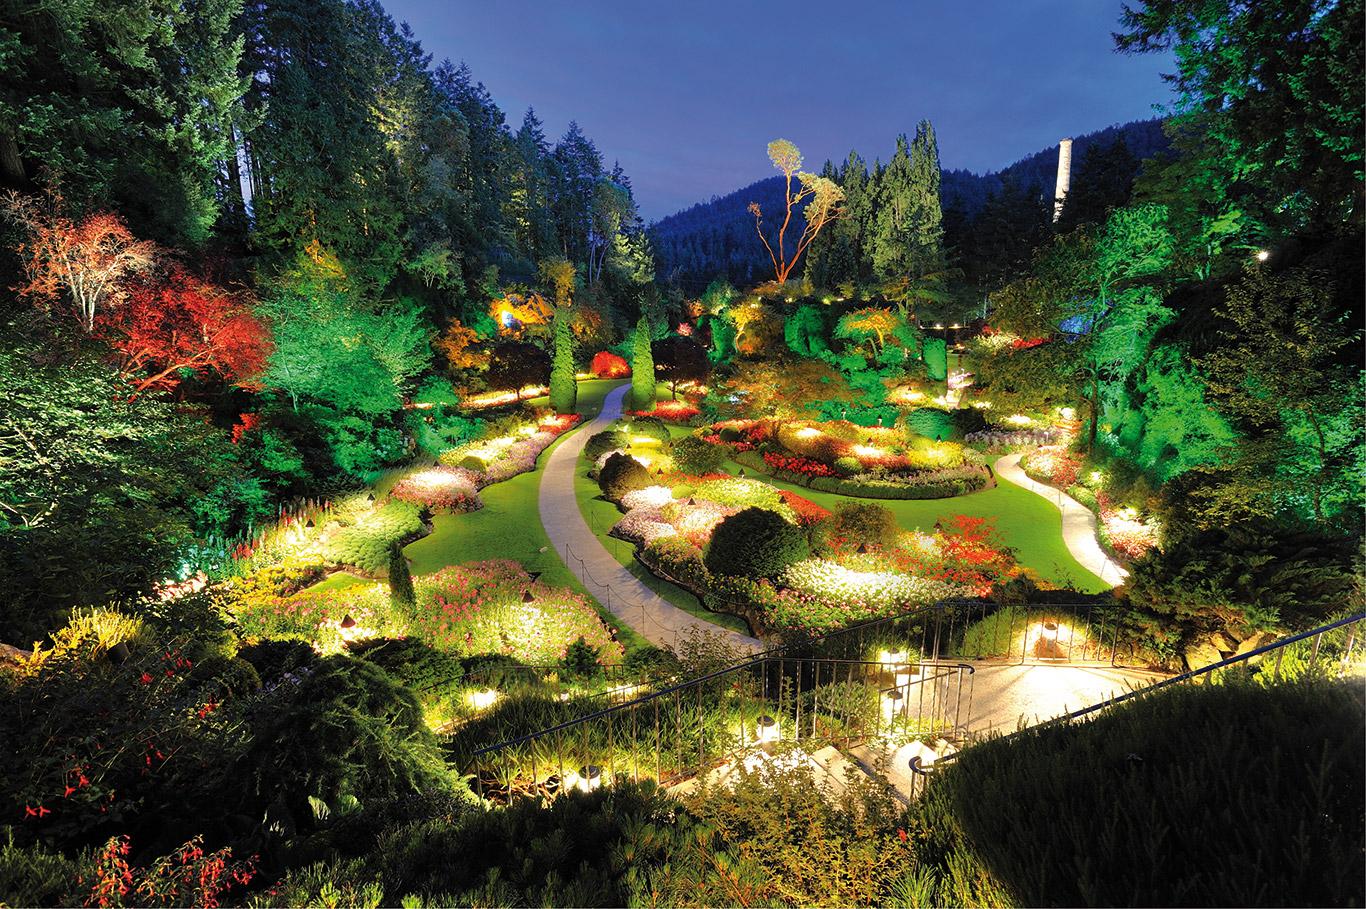 Consejos para tener un jard n terap utico wsd water spa - Iluminacion de jardines fotos ...